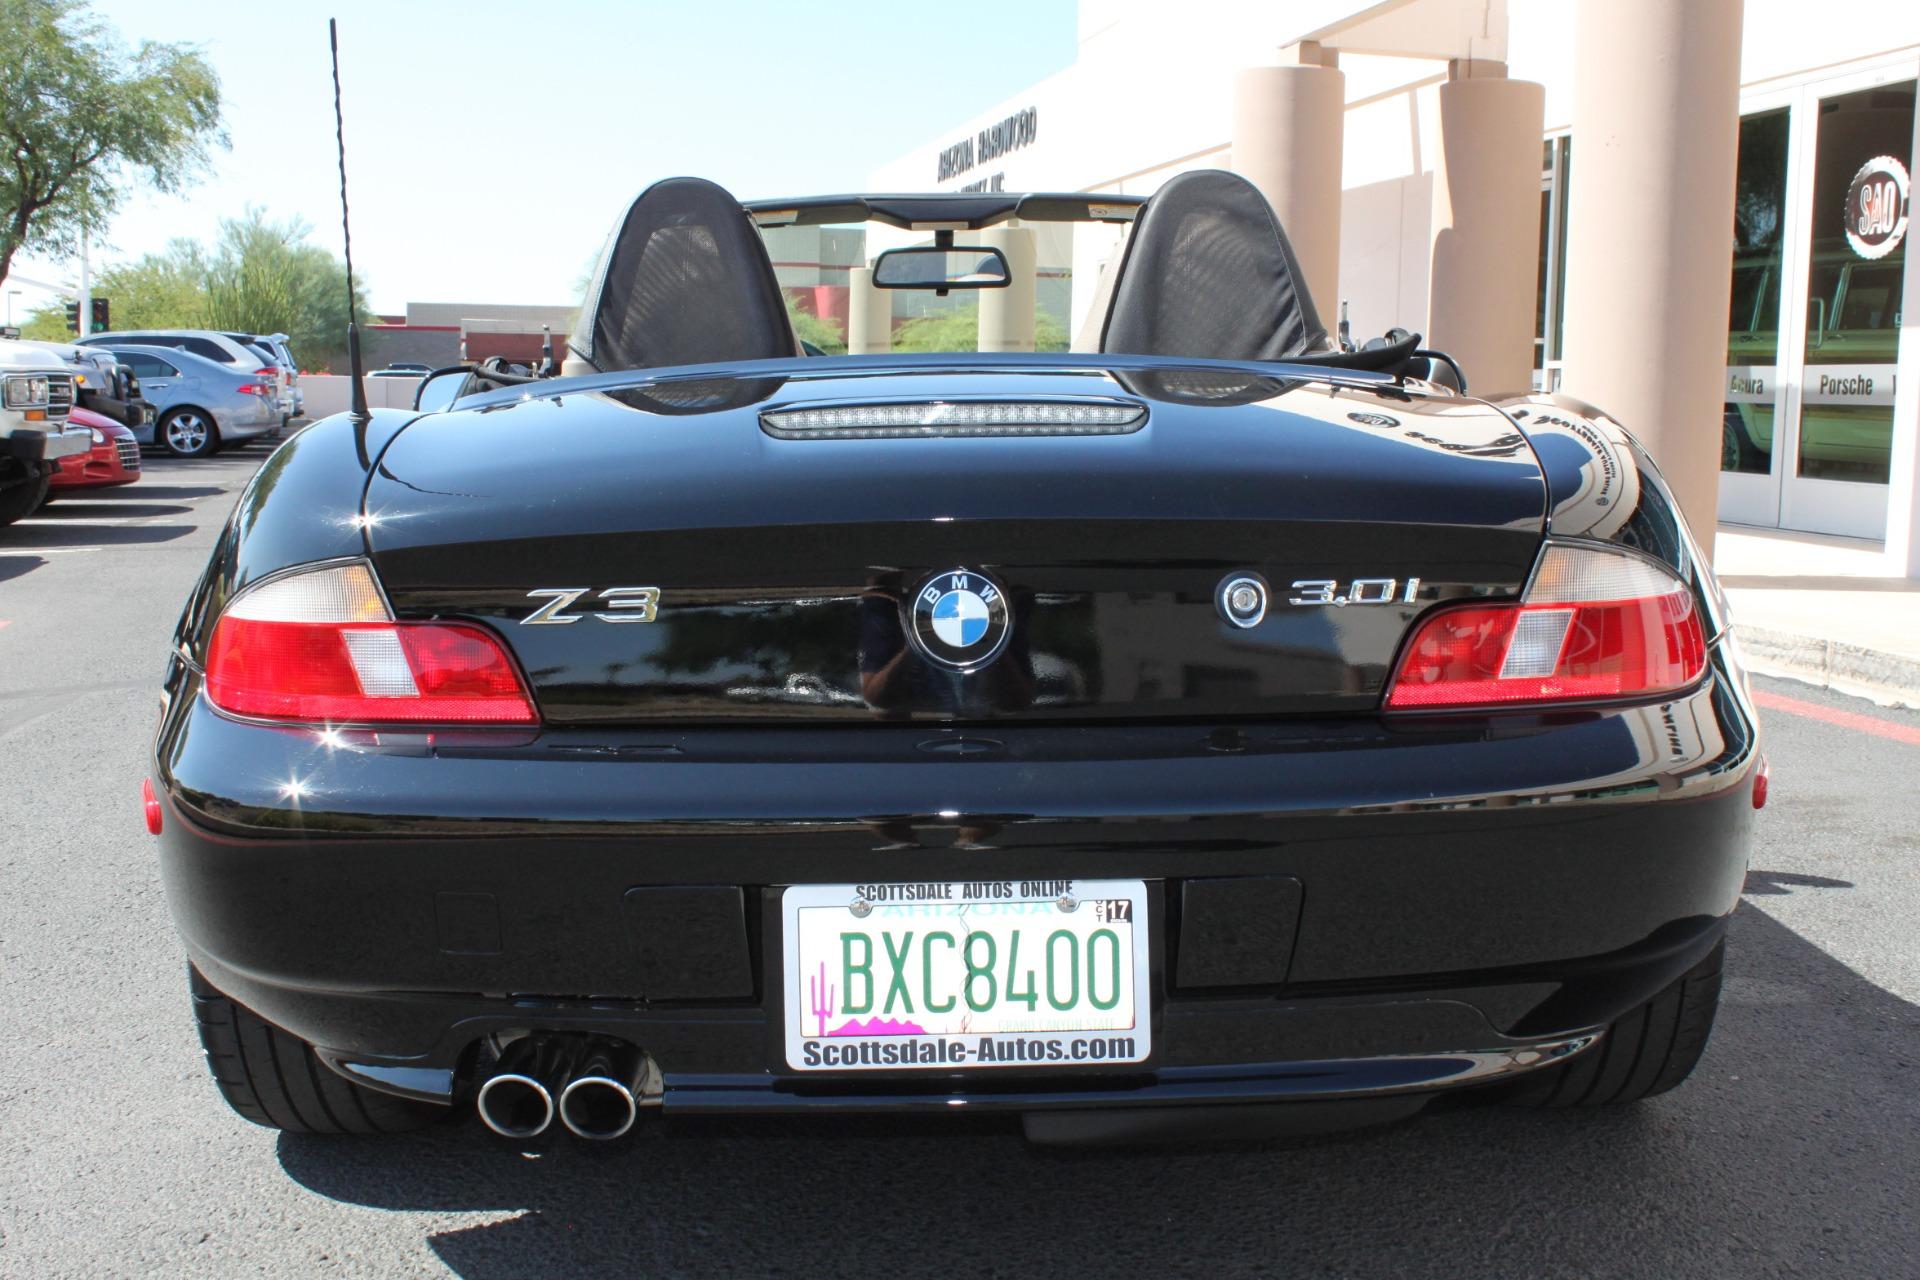 Used-2001-BMW-Z3-Roadster-30i-4X4